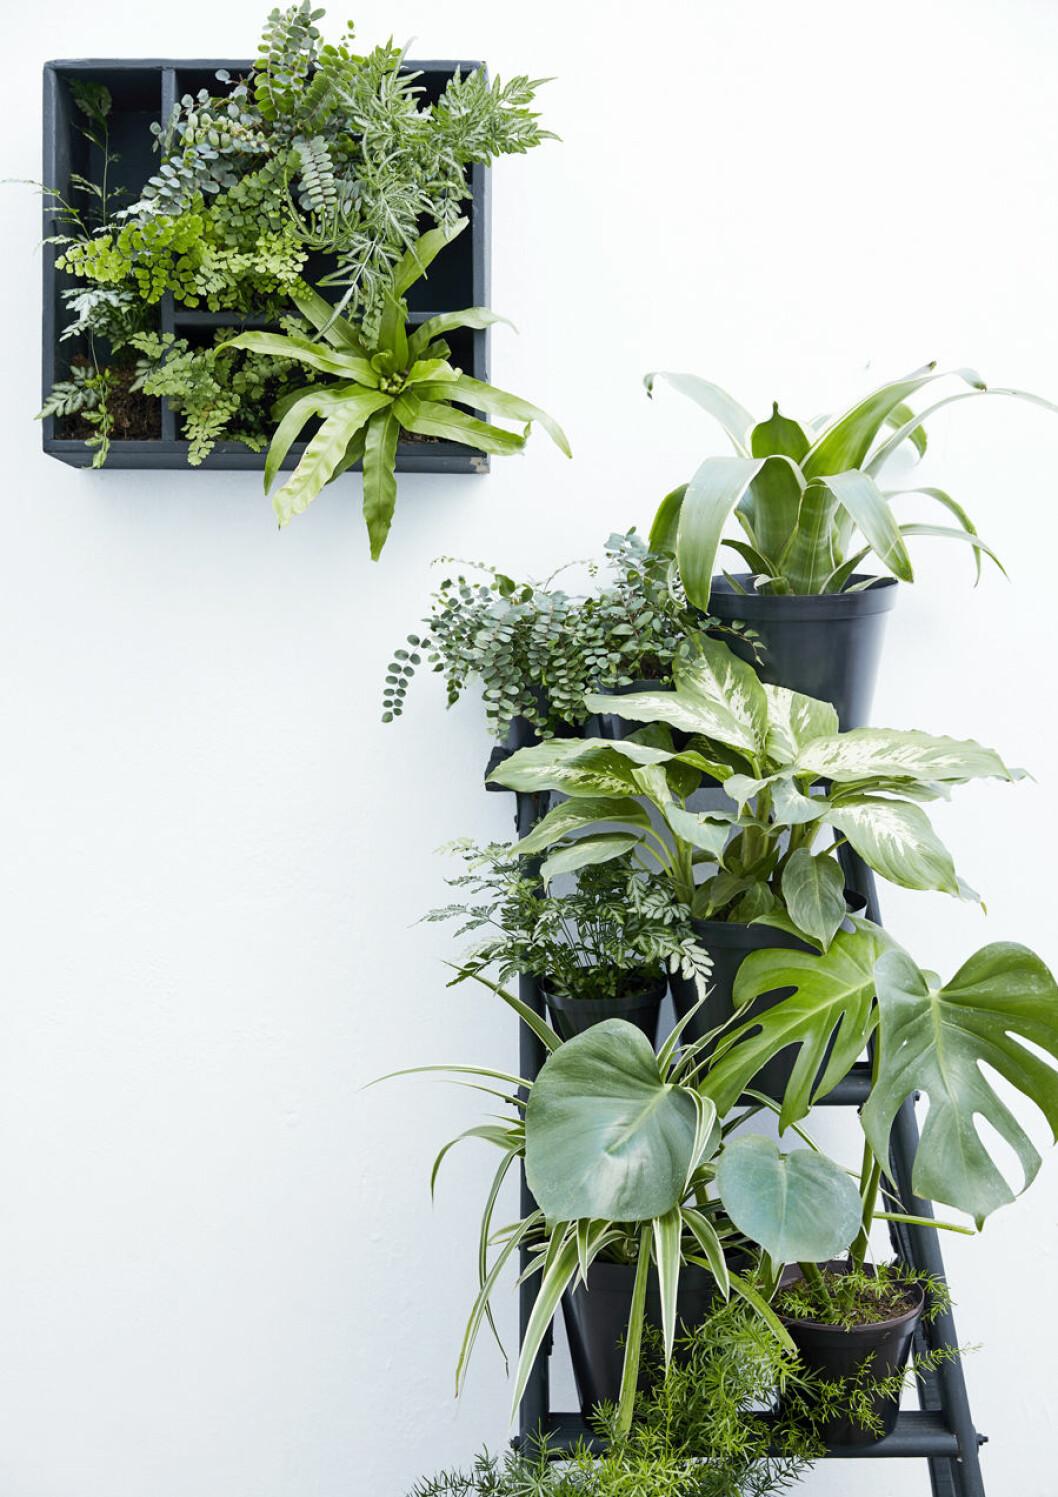 Häng växterna på väggen för en snygg hängande trädgård